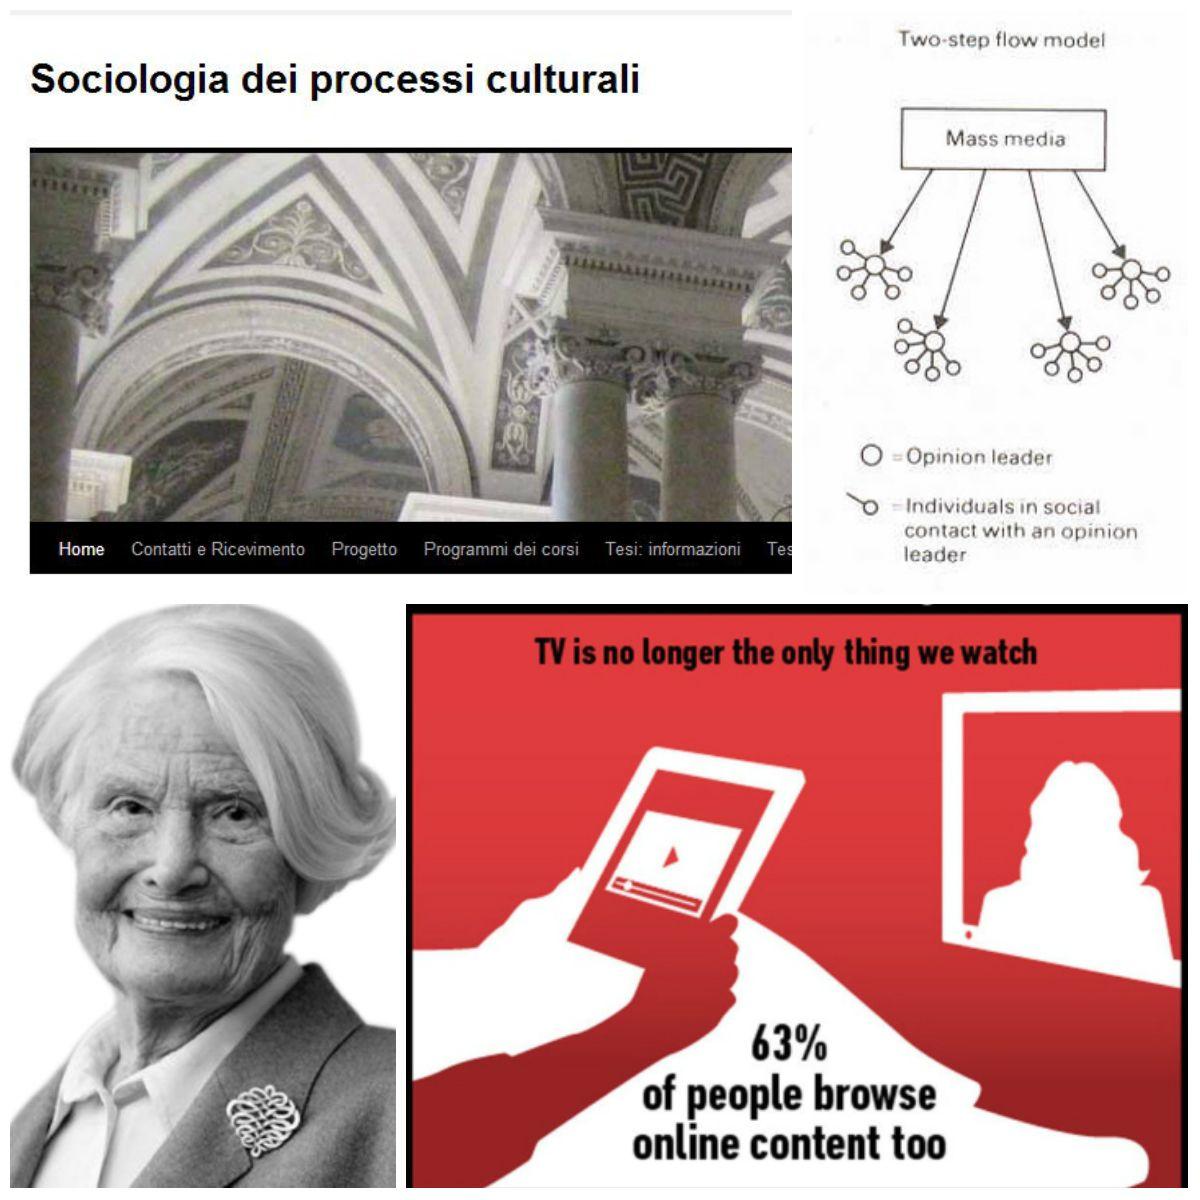 Inizia il mio corso di Sociologia dei processi culturali e comunicativi. Alcuni dei temi trattati in questo collage